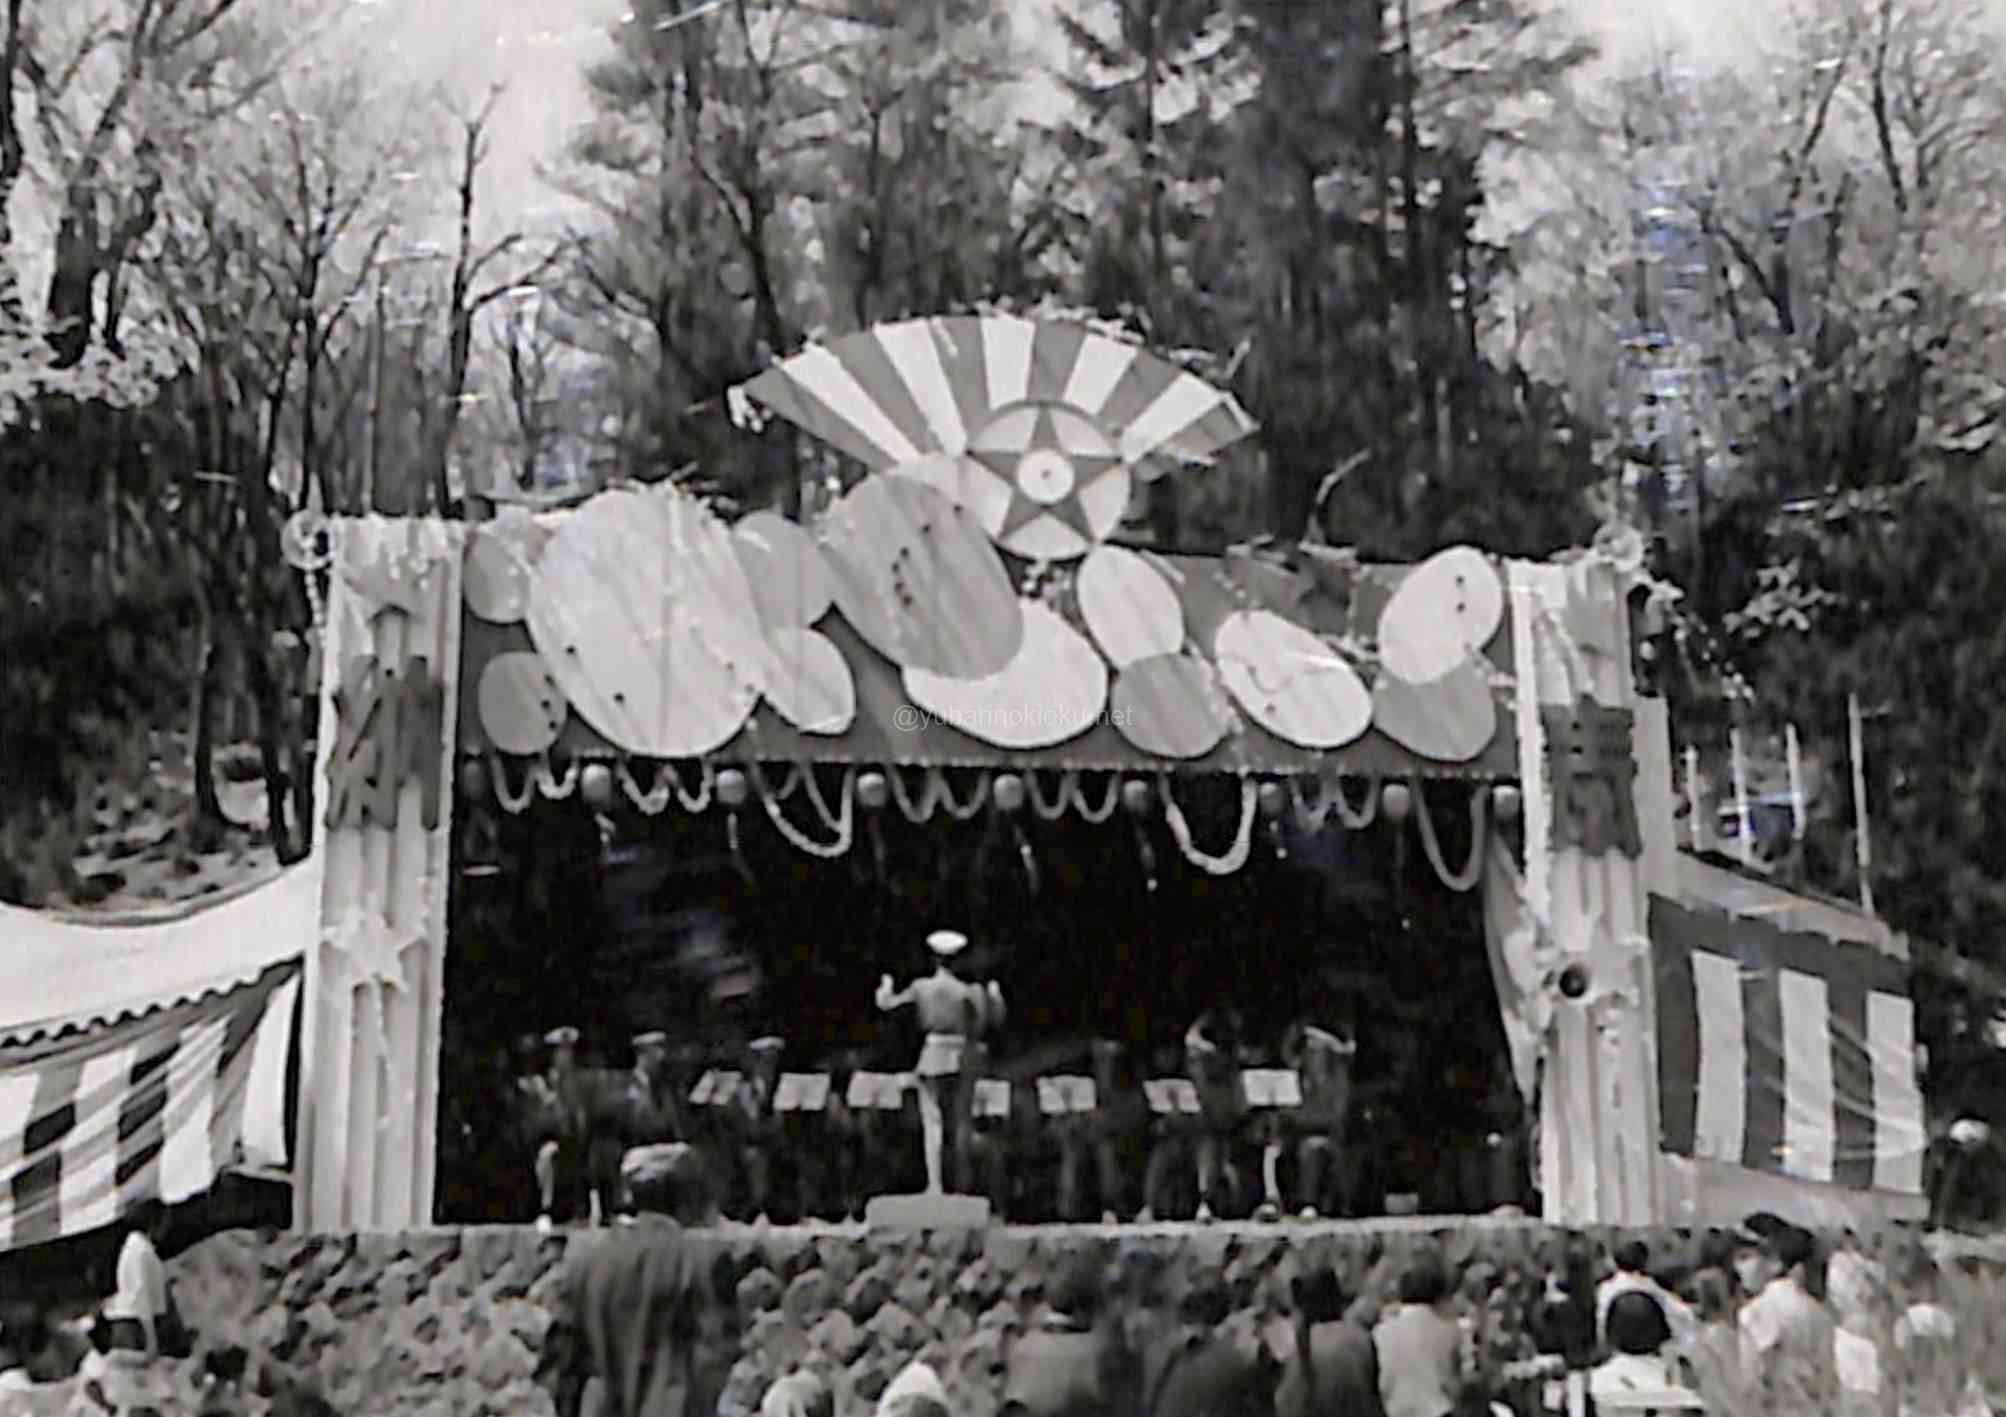 炭山祭、夕張神社で行われた吹奏楽隊の演奏